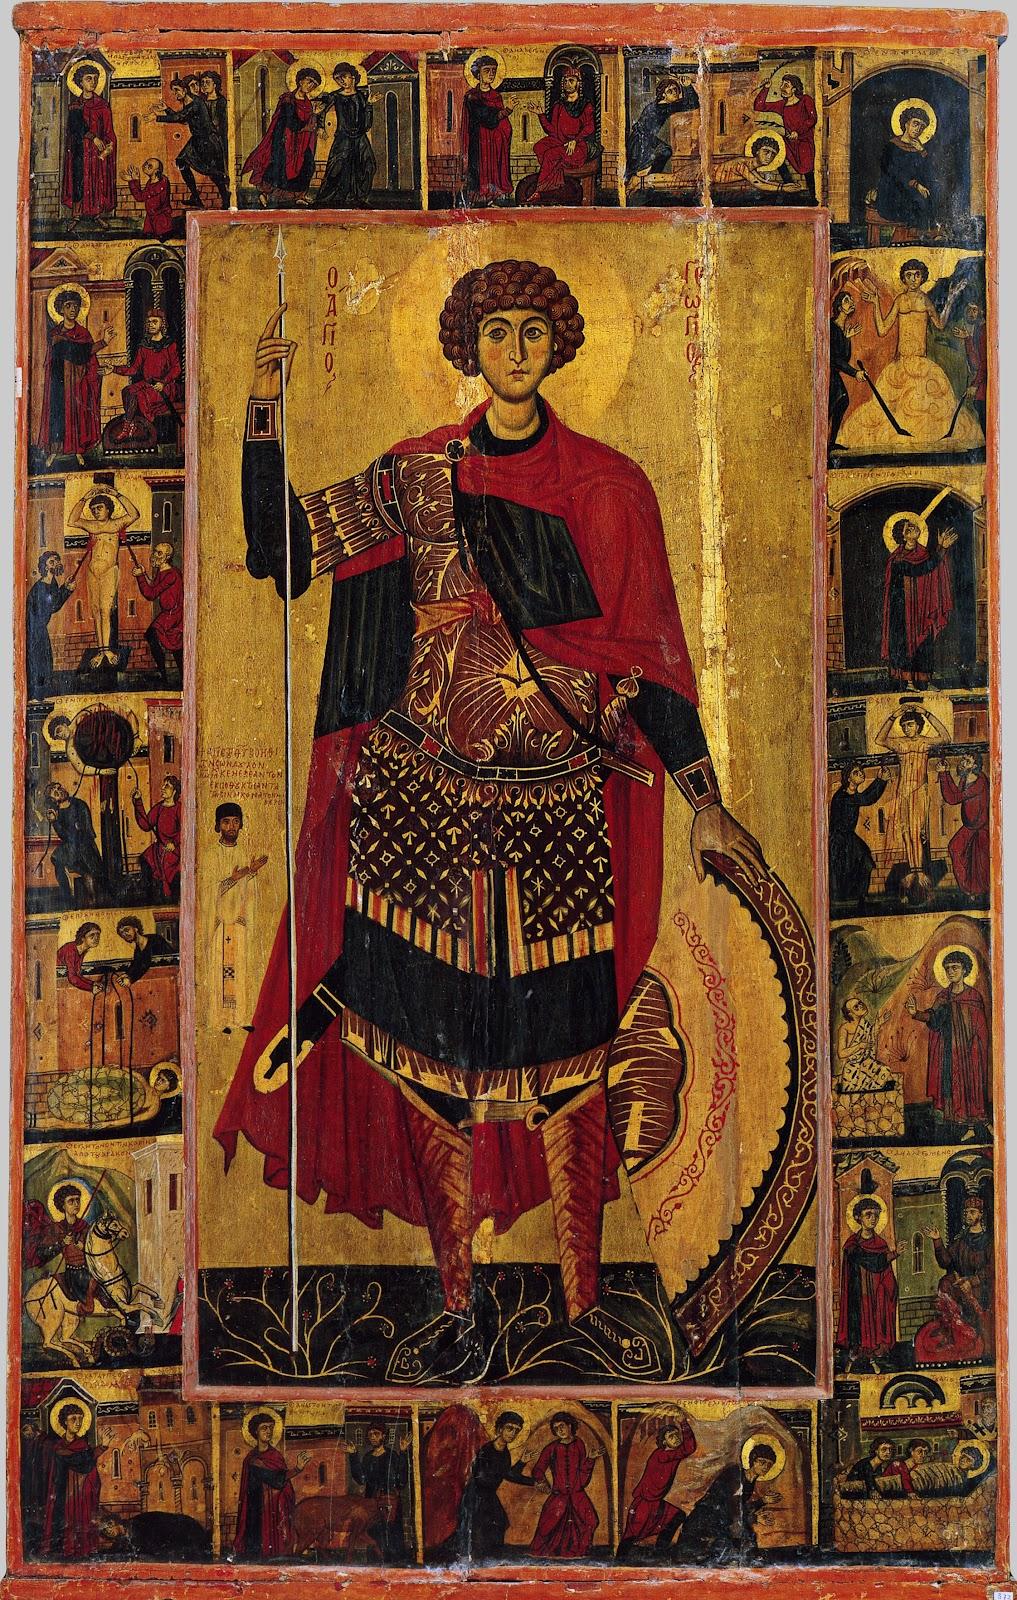 Святой Георгий, с житием. Начало XIII в. Монастырь св. Екатерины, Синай, Египет